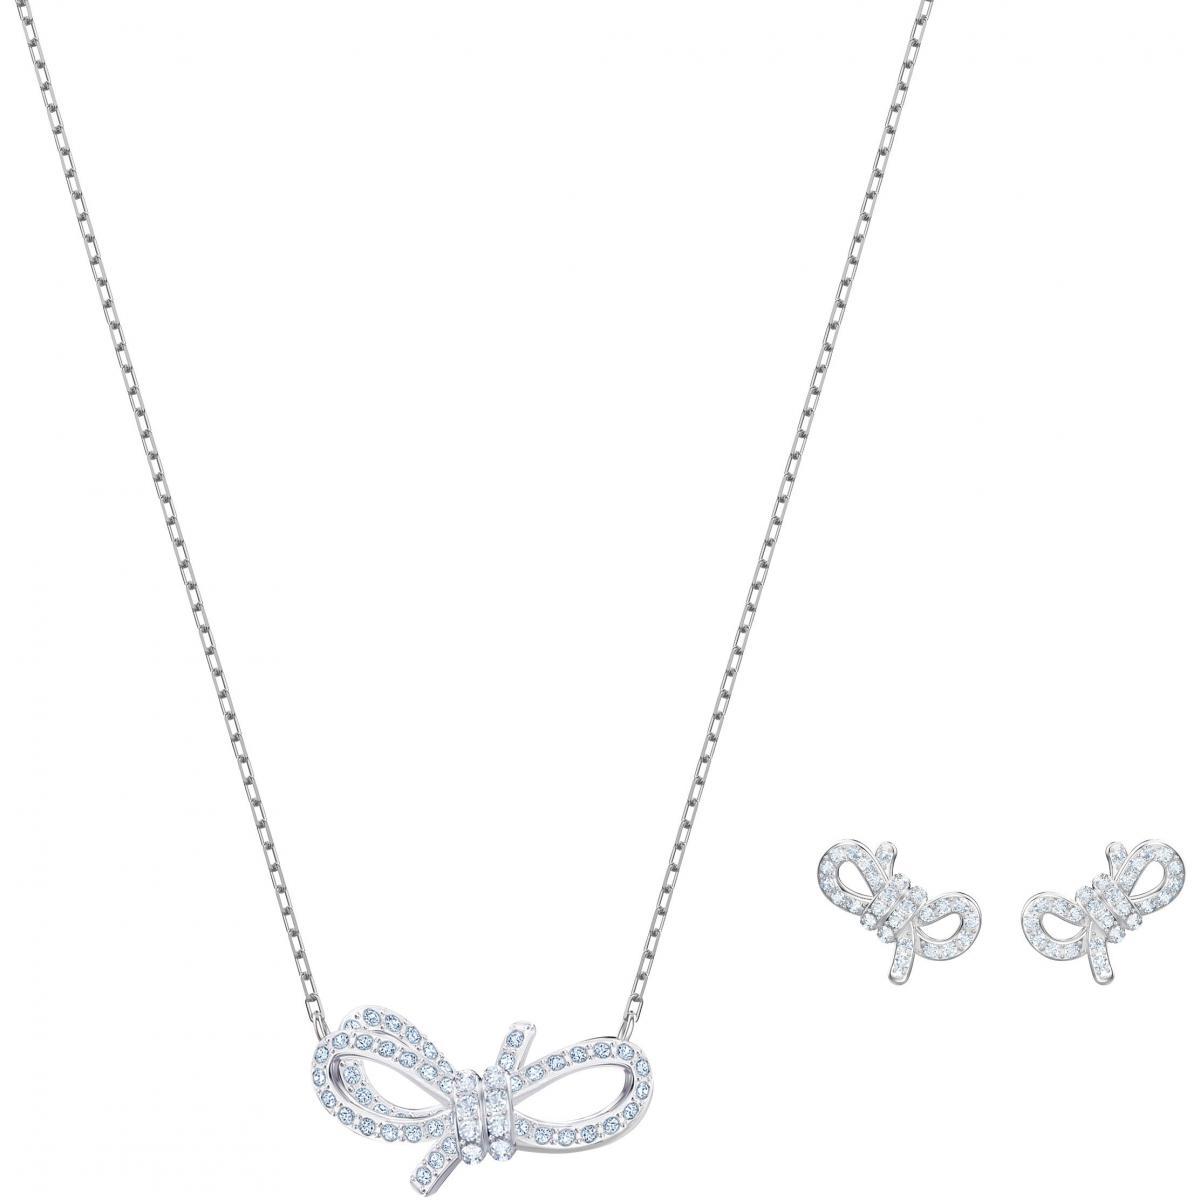 Collier et pendentif Swarovski 5470594 - Collier et pendentif Set Nœud  Papillon Argentée Femme